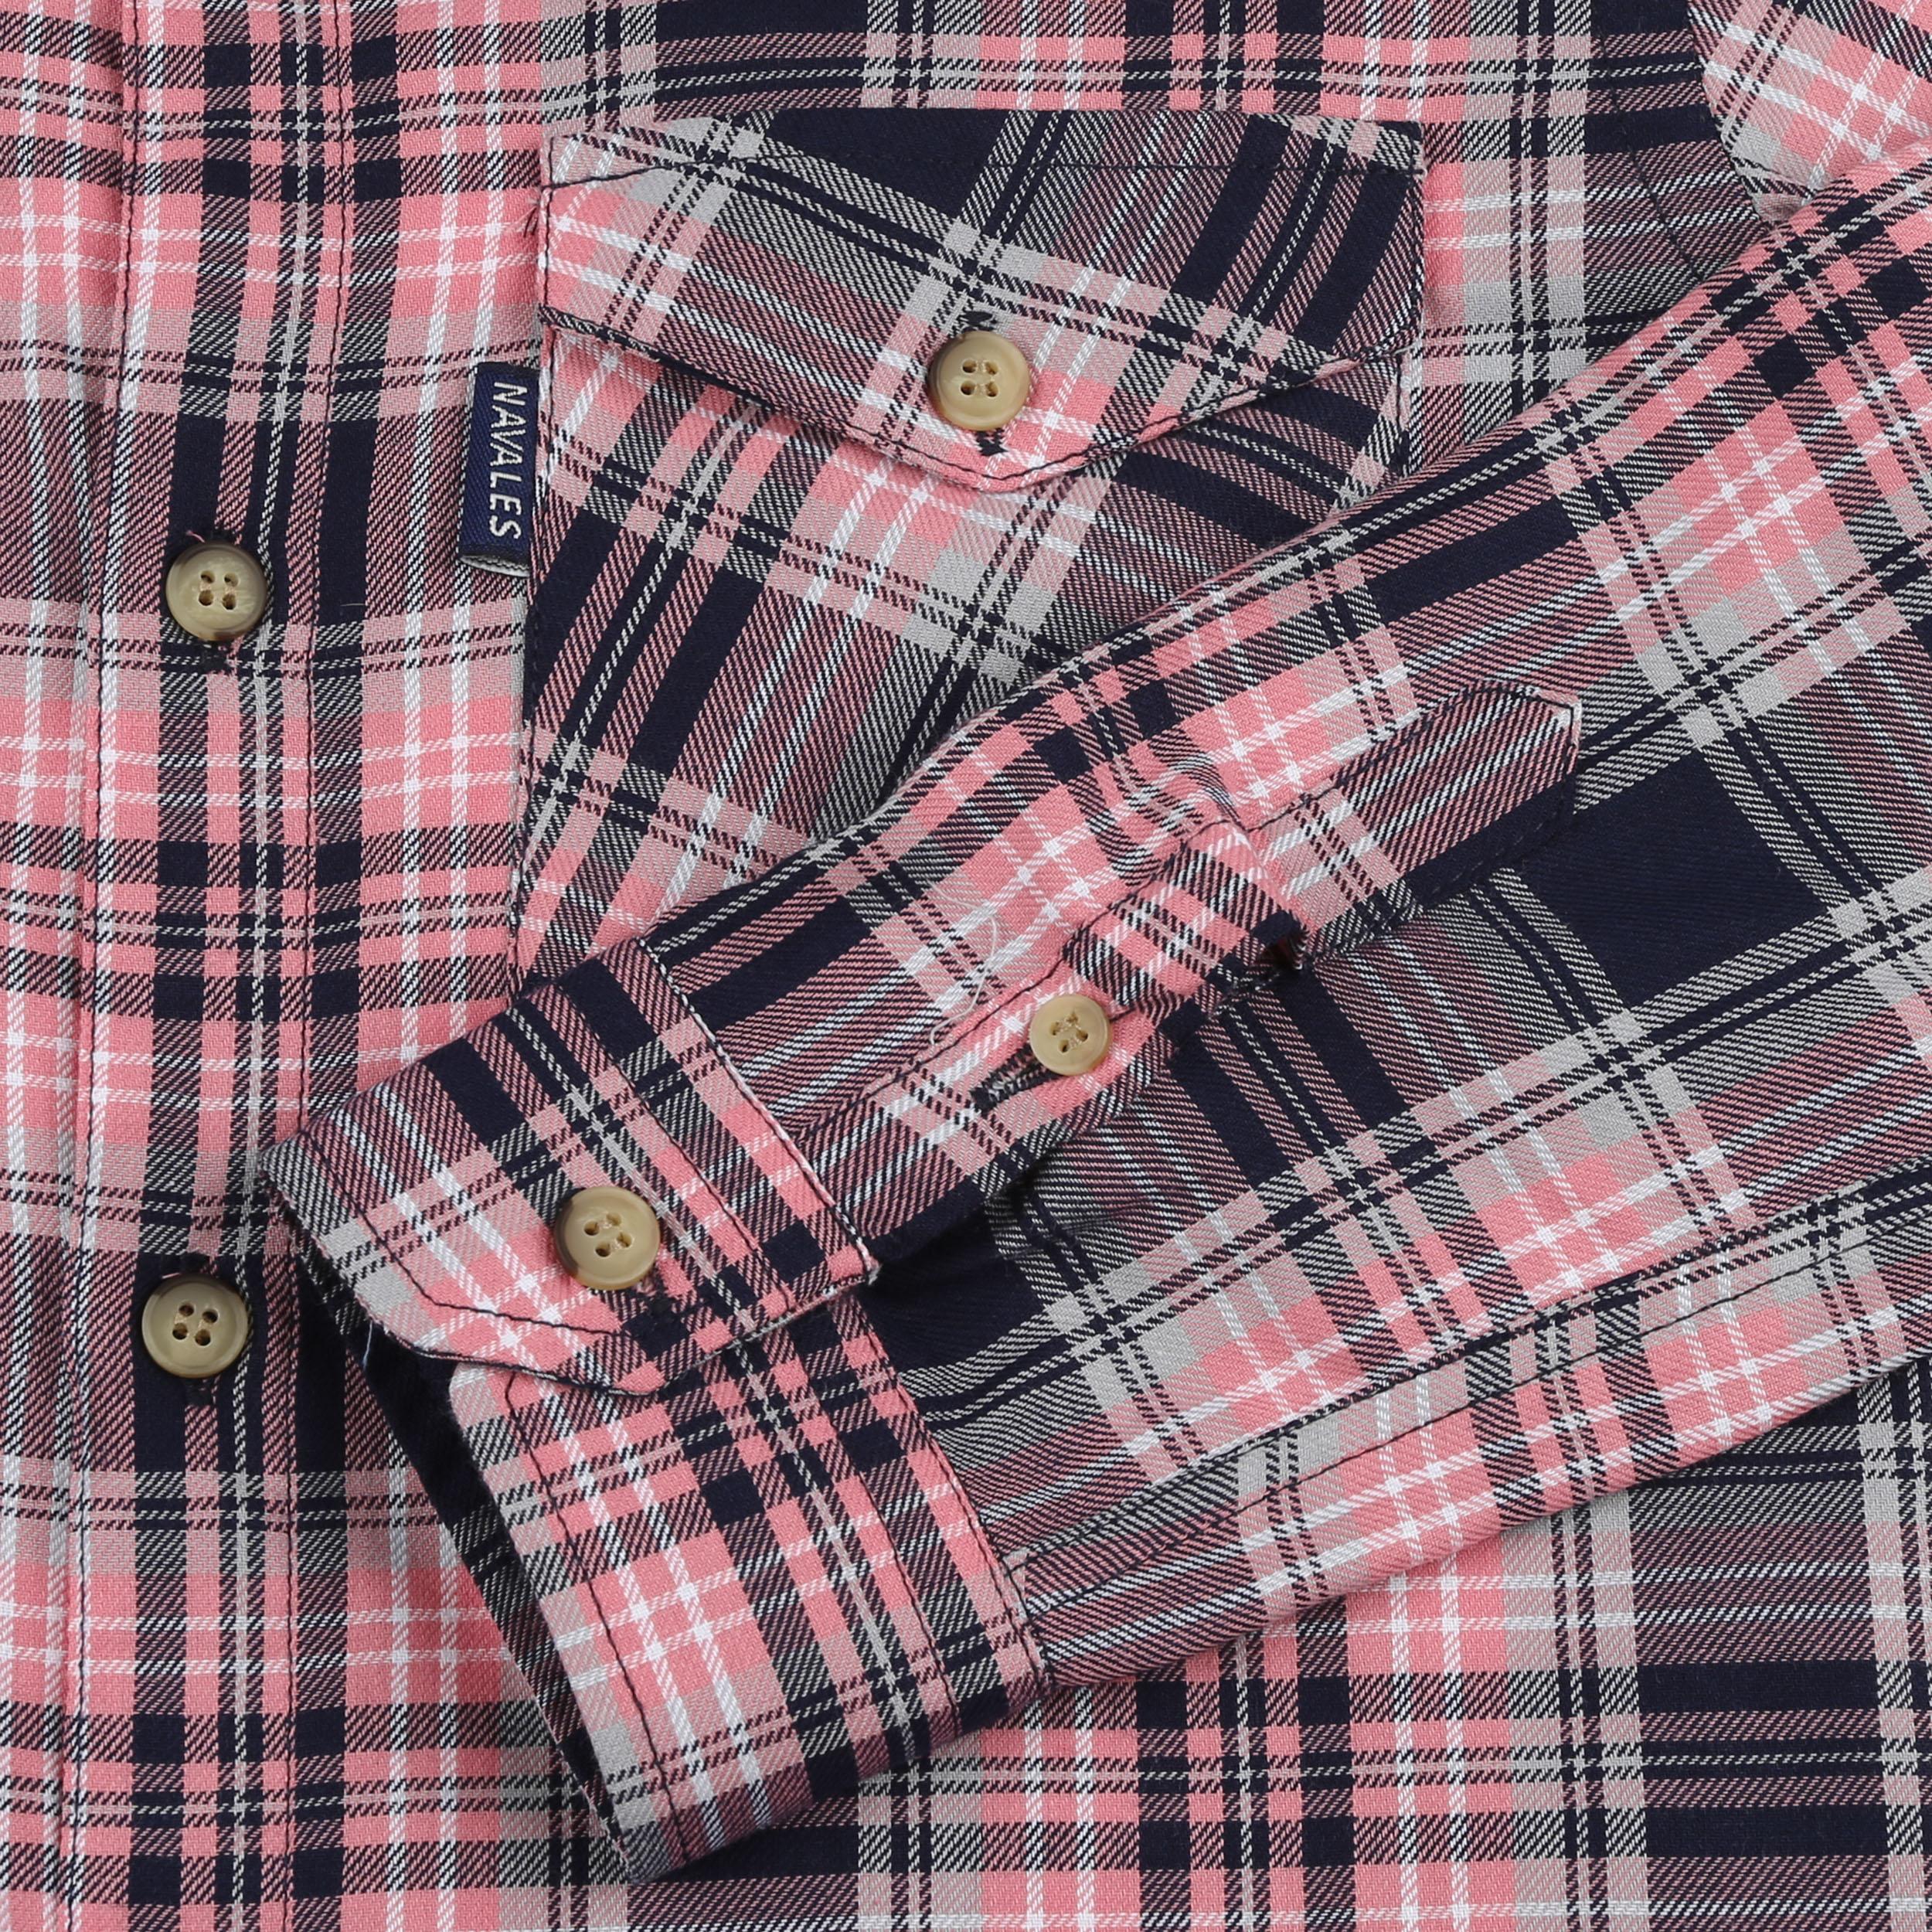 پیراهن پسرانه ناوالس کد R-20119-PK main 1 3